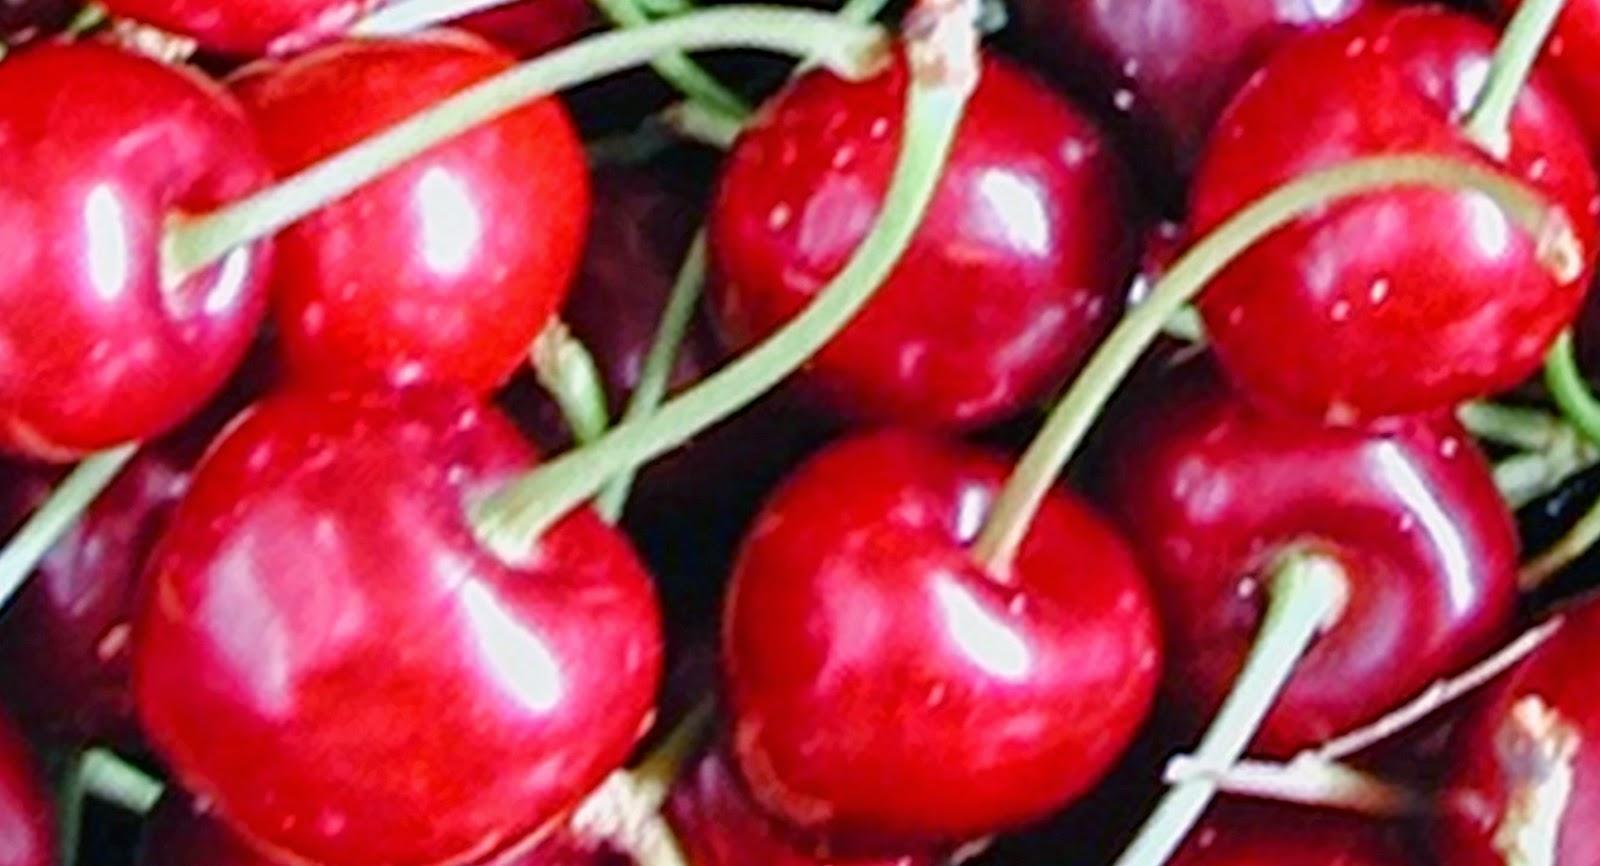 Manfaat Menakjubkan Buah Ceri untuk Kesehatan Tubuh